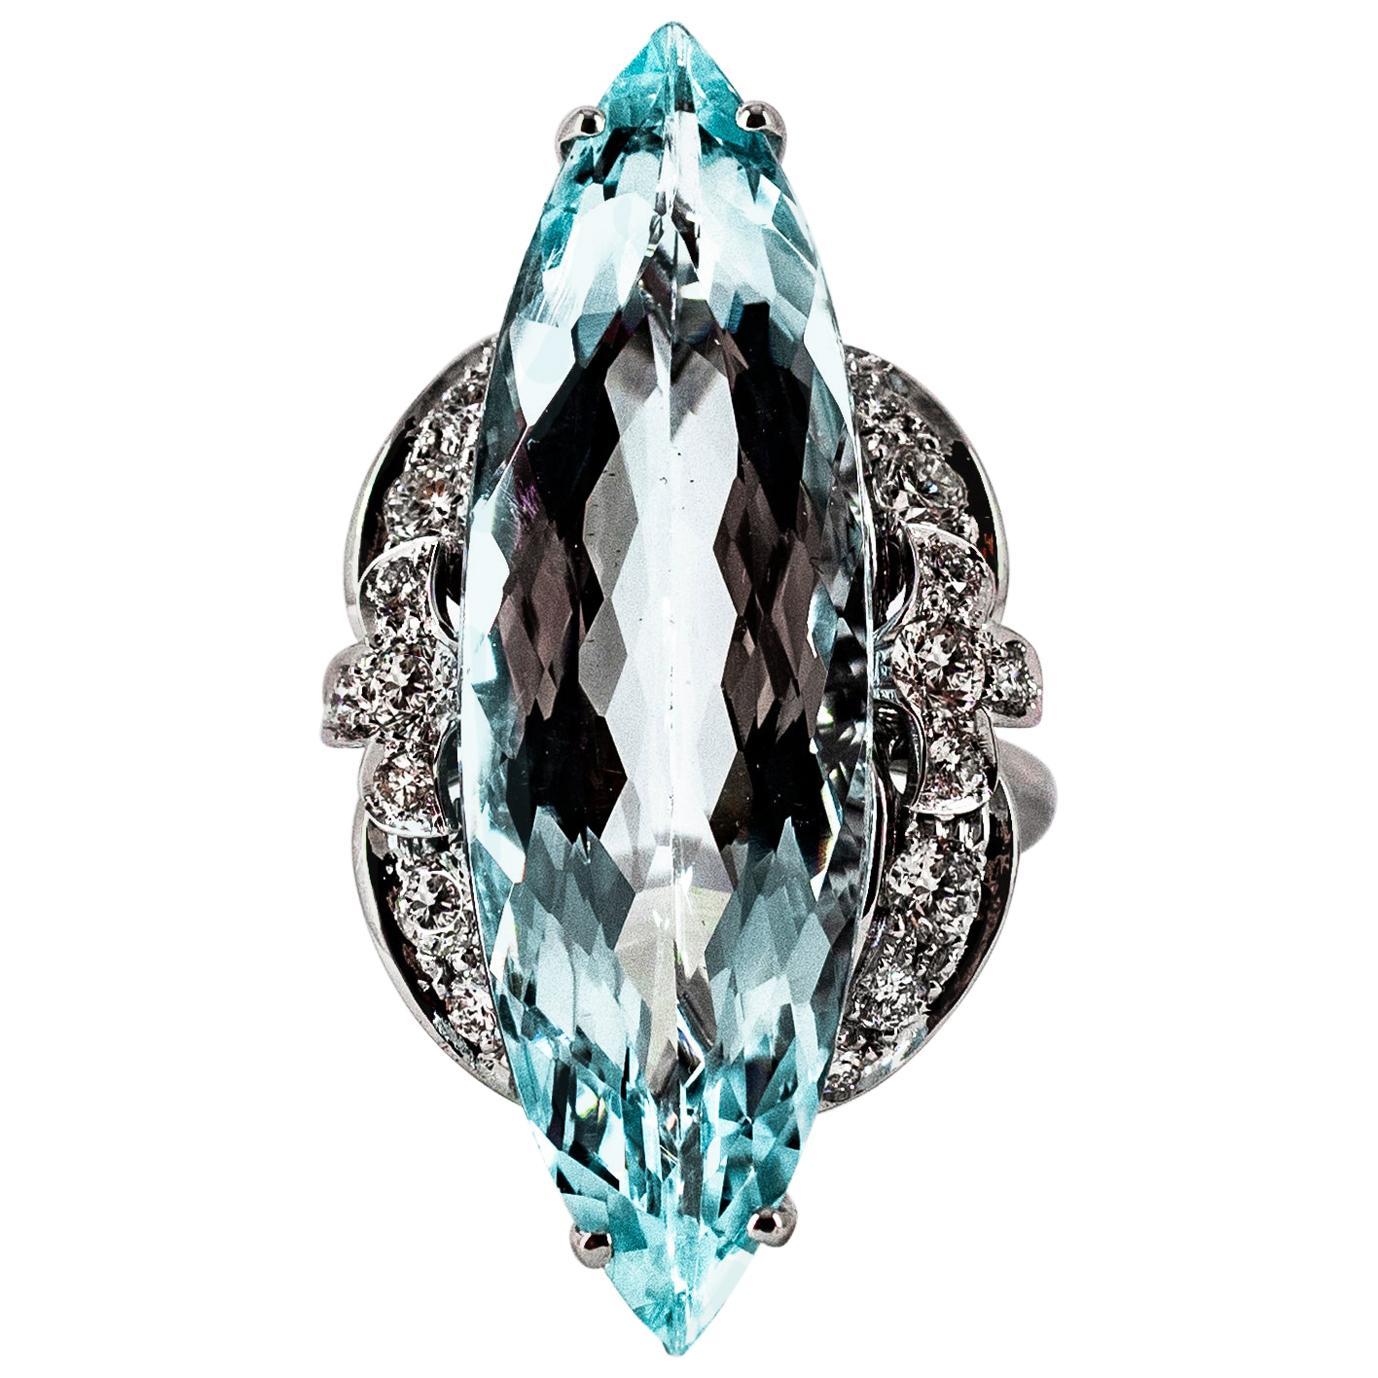 Deco 14.29 Carat Aquamarine White Brilliant Cut Diamond White Gold Cocktail Ring